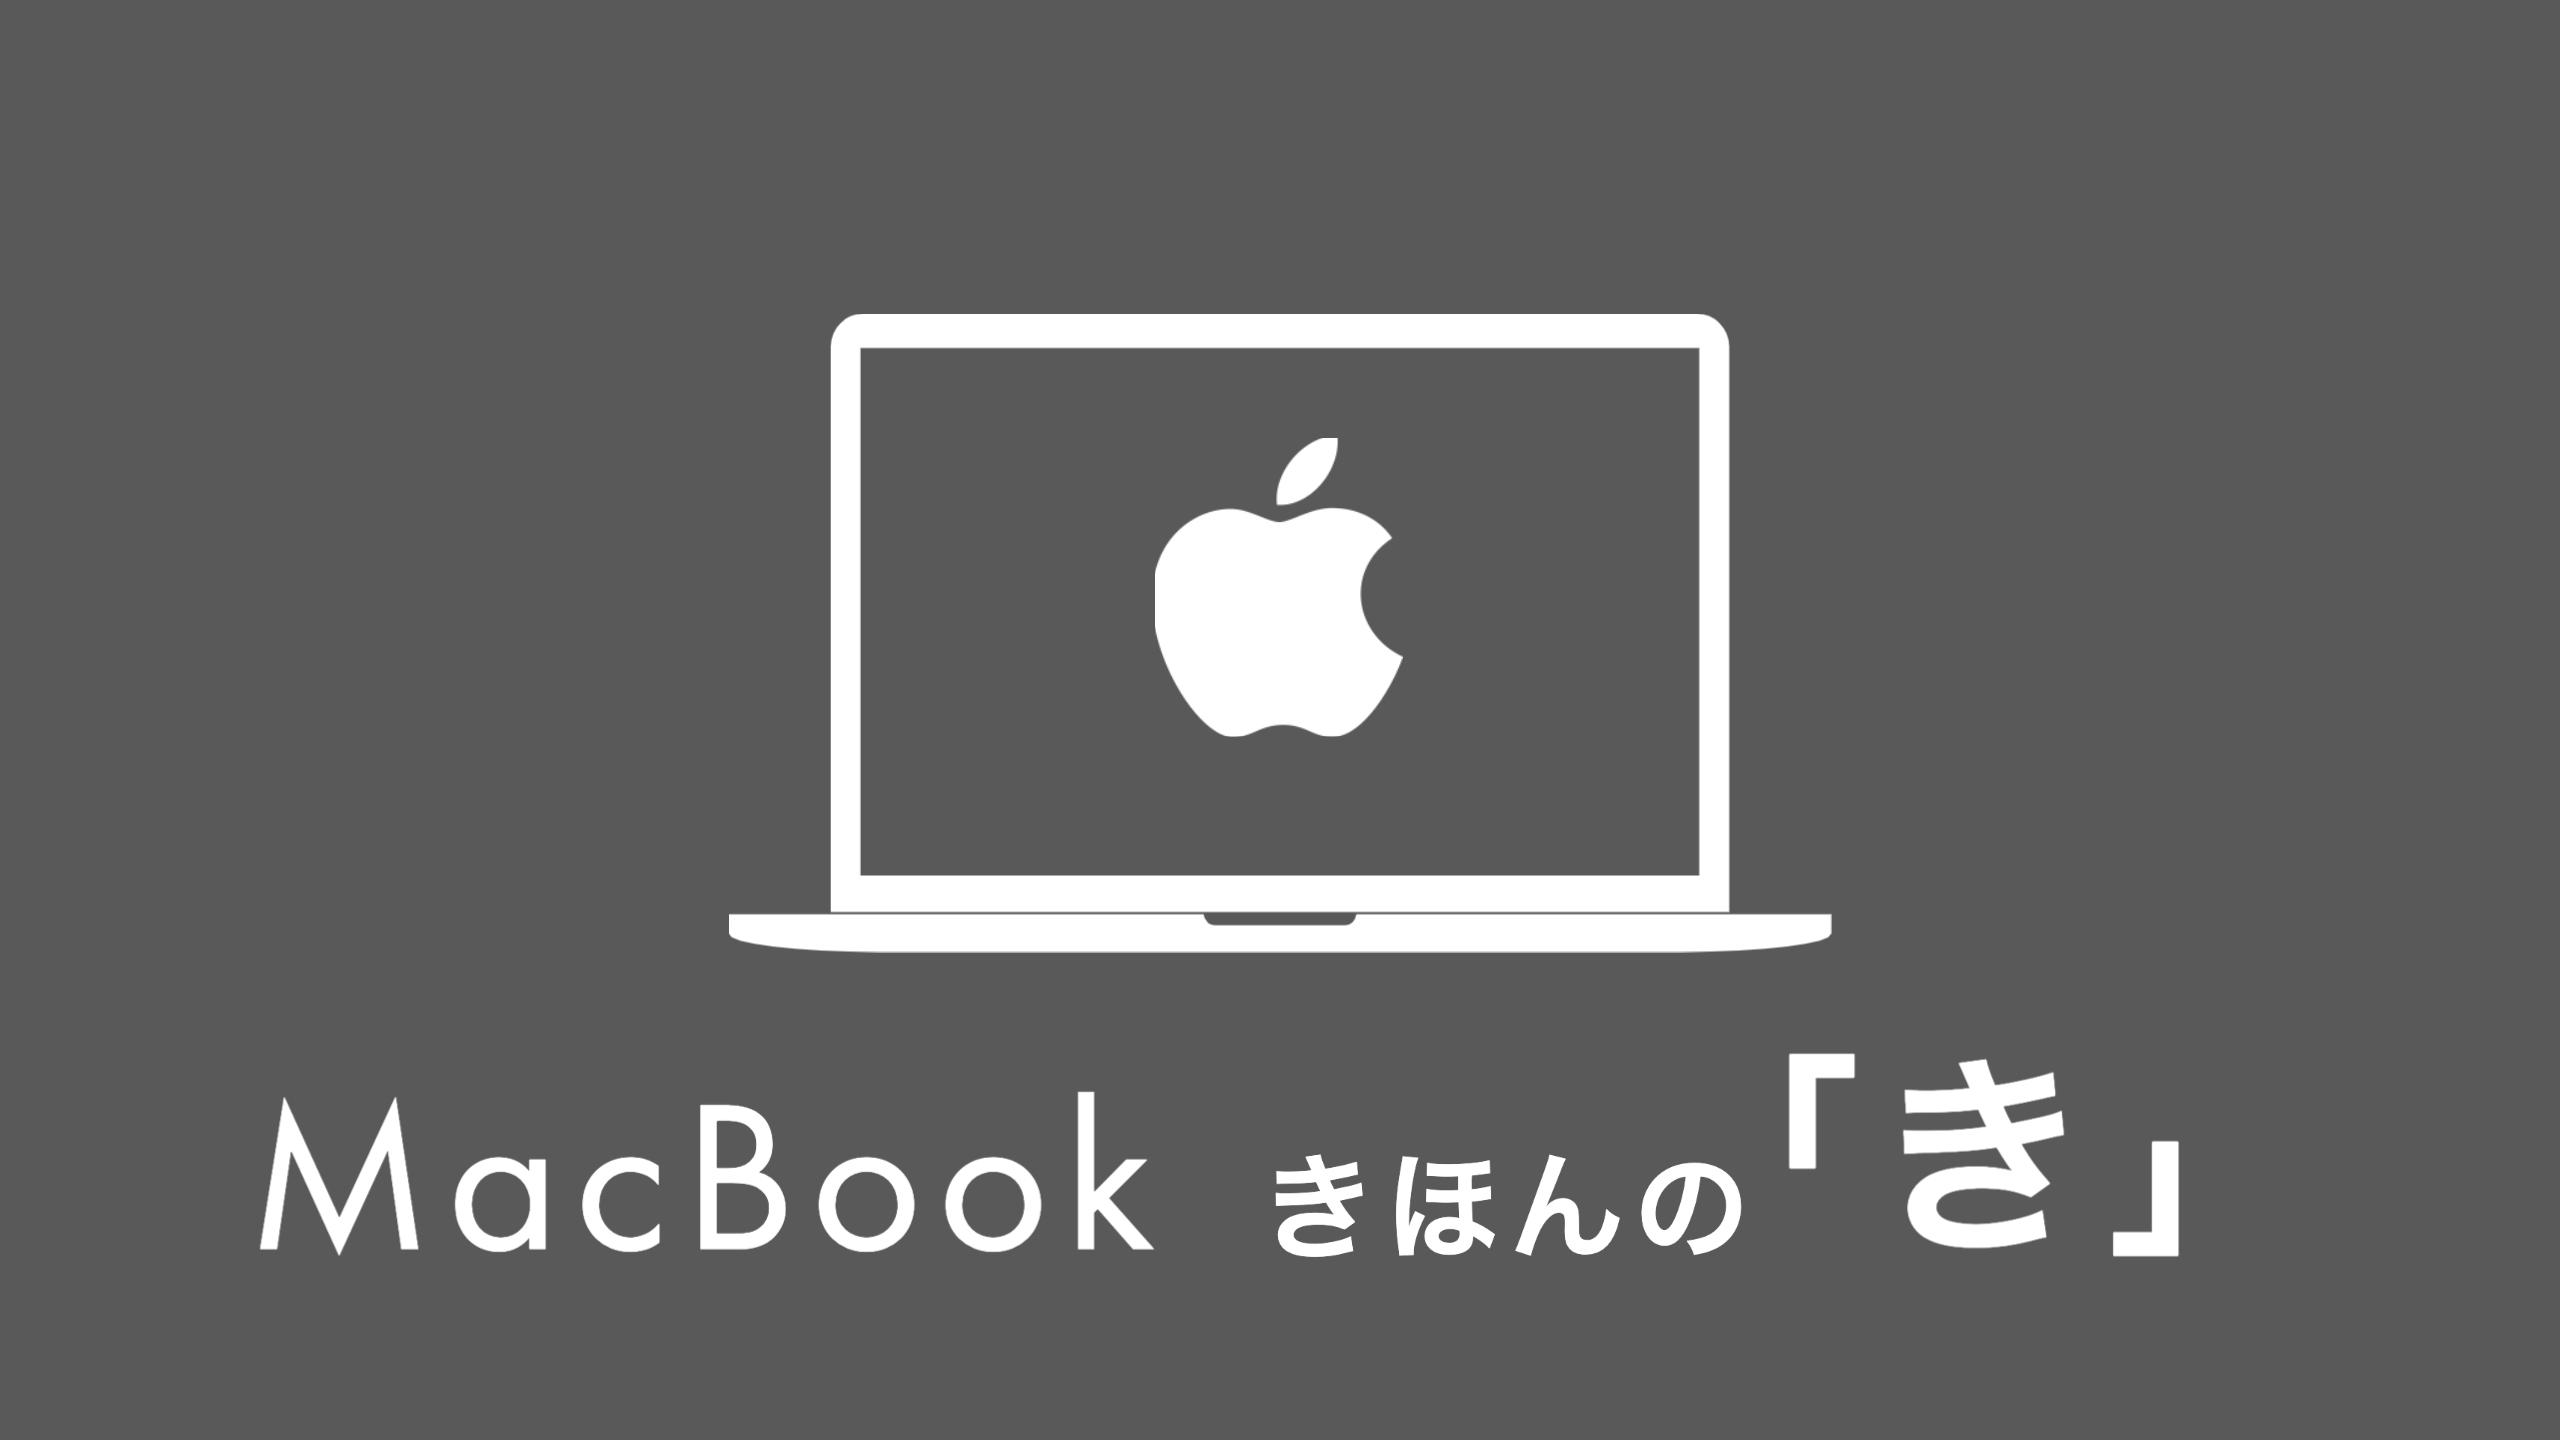 【初心者向け】MacBook Pro/Airの使い方・操作方法【MacBookのきほんの「き」】